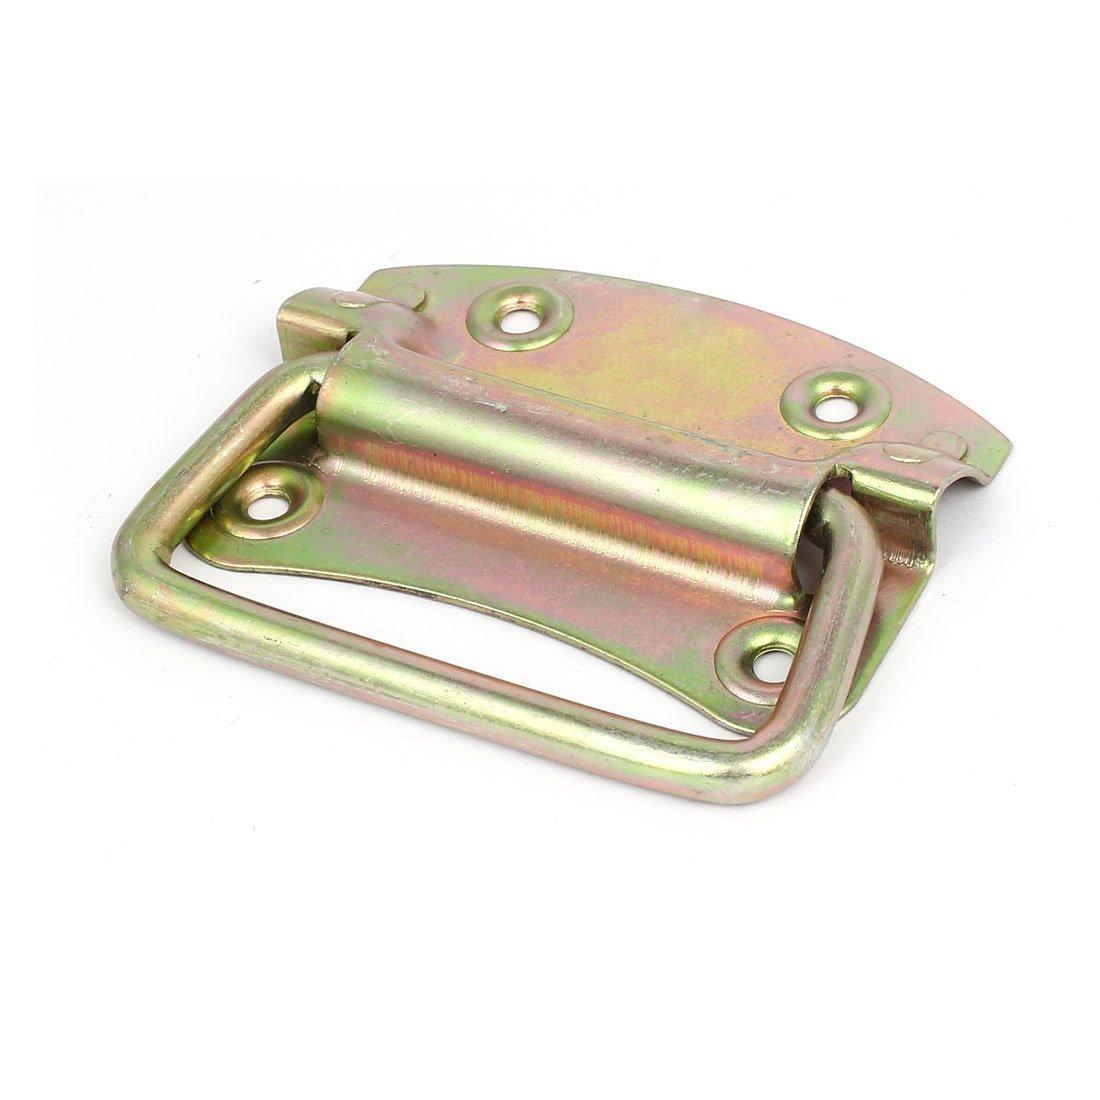 eDealMax caso de madera de la caja de herramientas del cajón de 104 mm de largo metal galvanizado anillo de tirón apretón de la manija - - Amazon.com